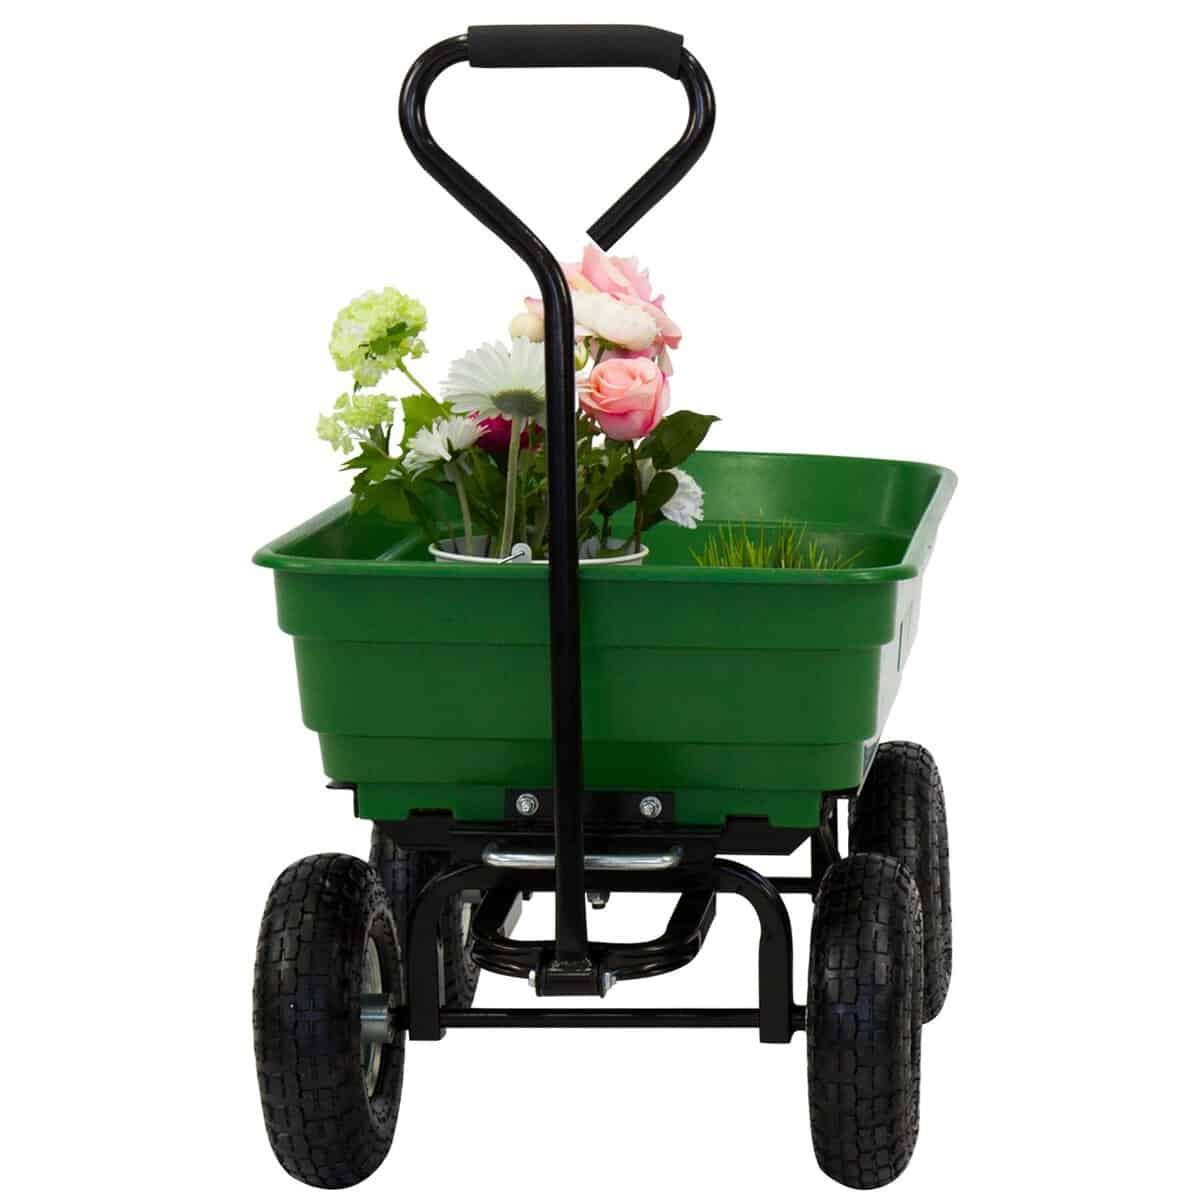 Duraworx Plastic Dump Cart